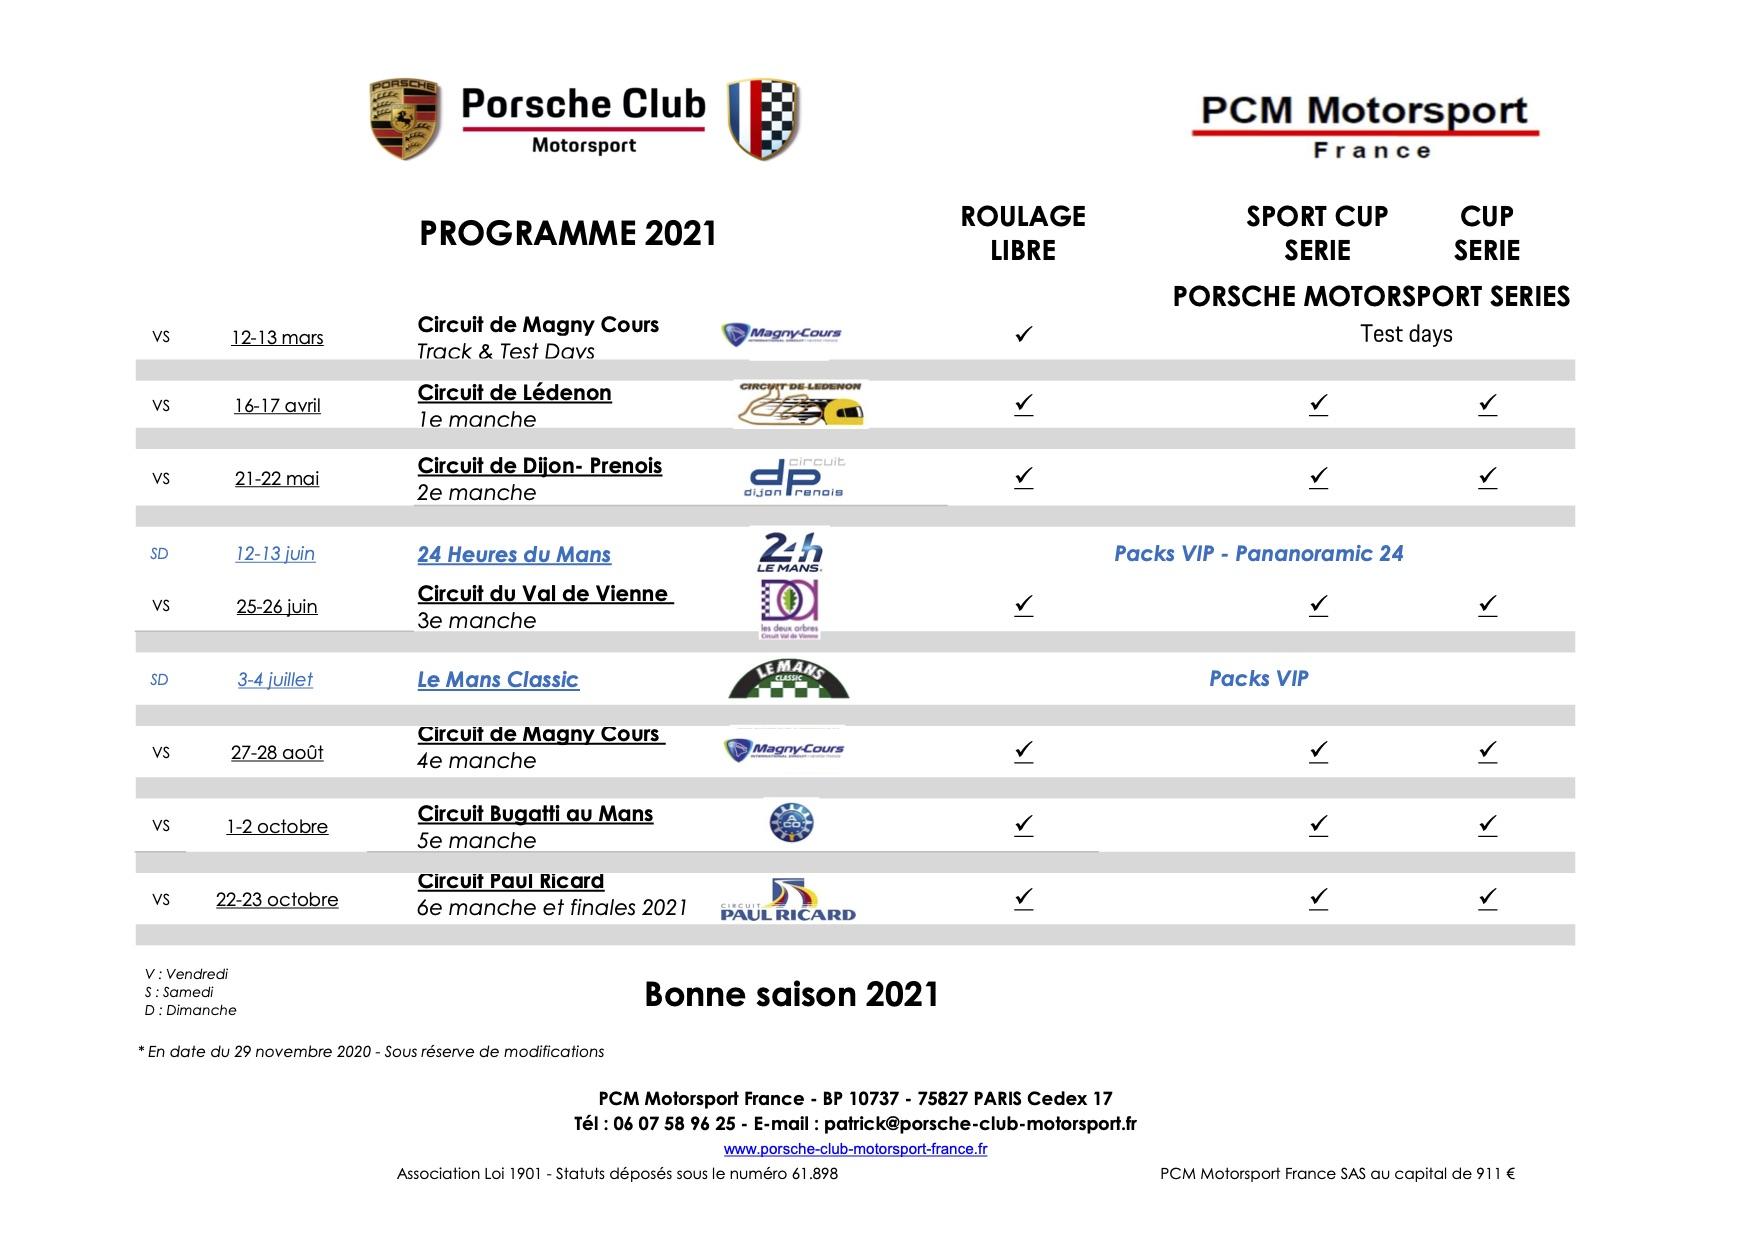 Porsche Club Motorsport - Programme 2021